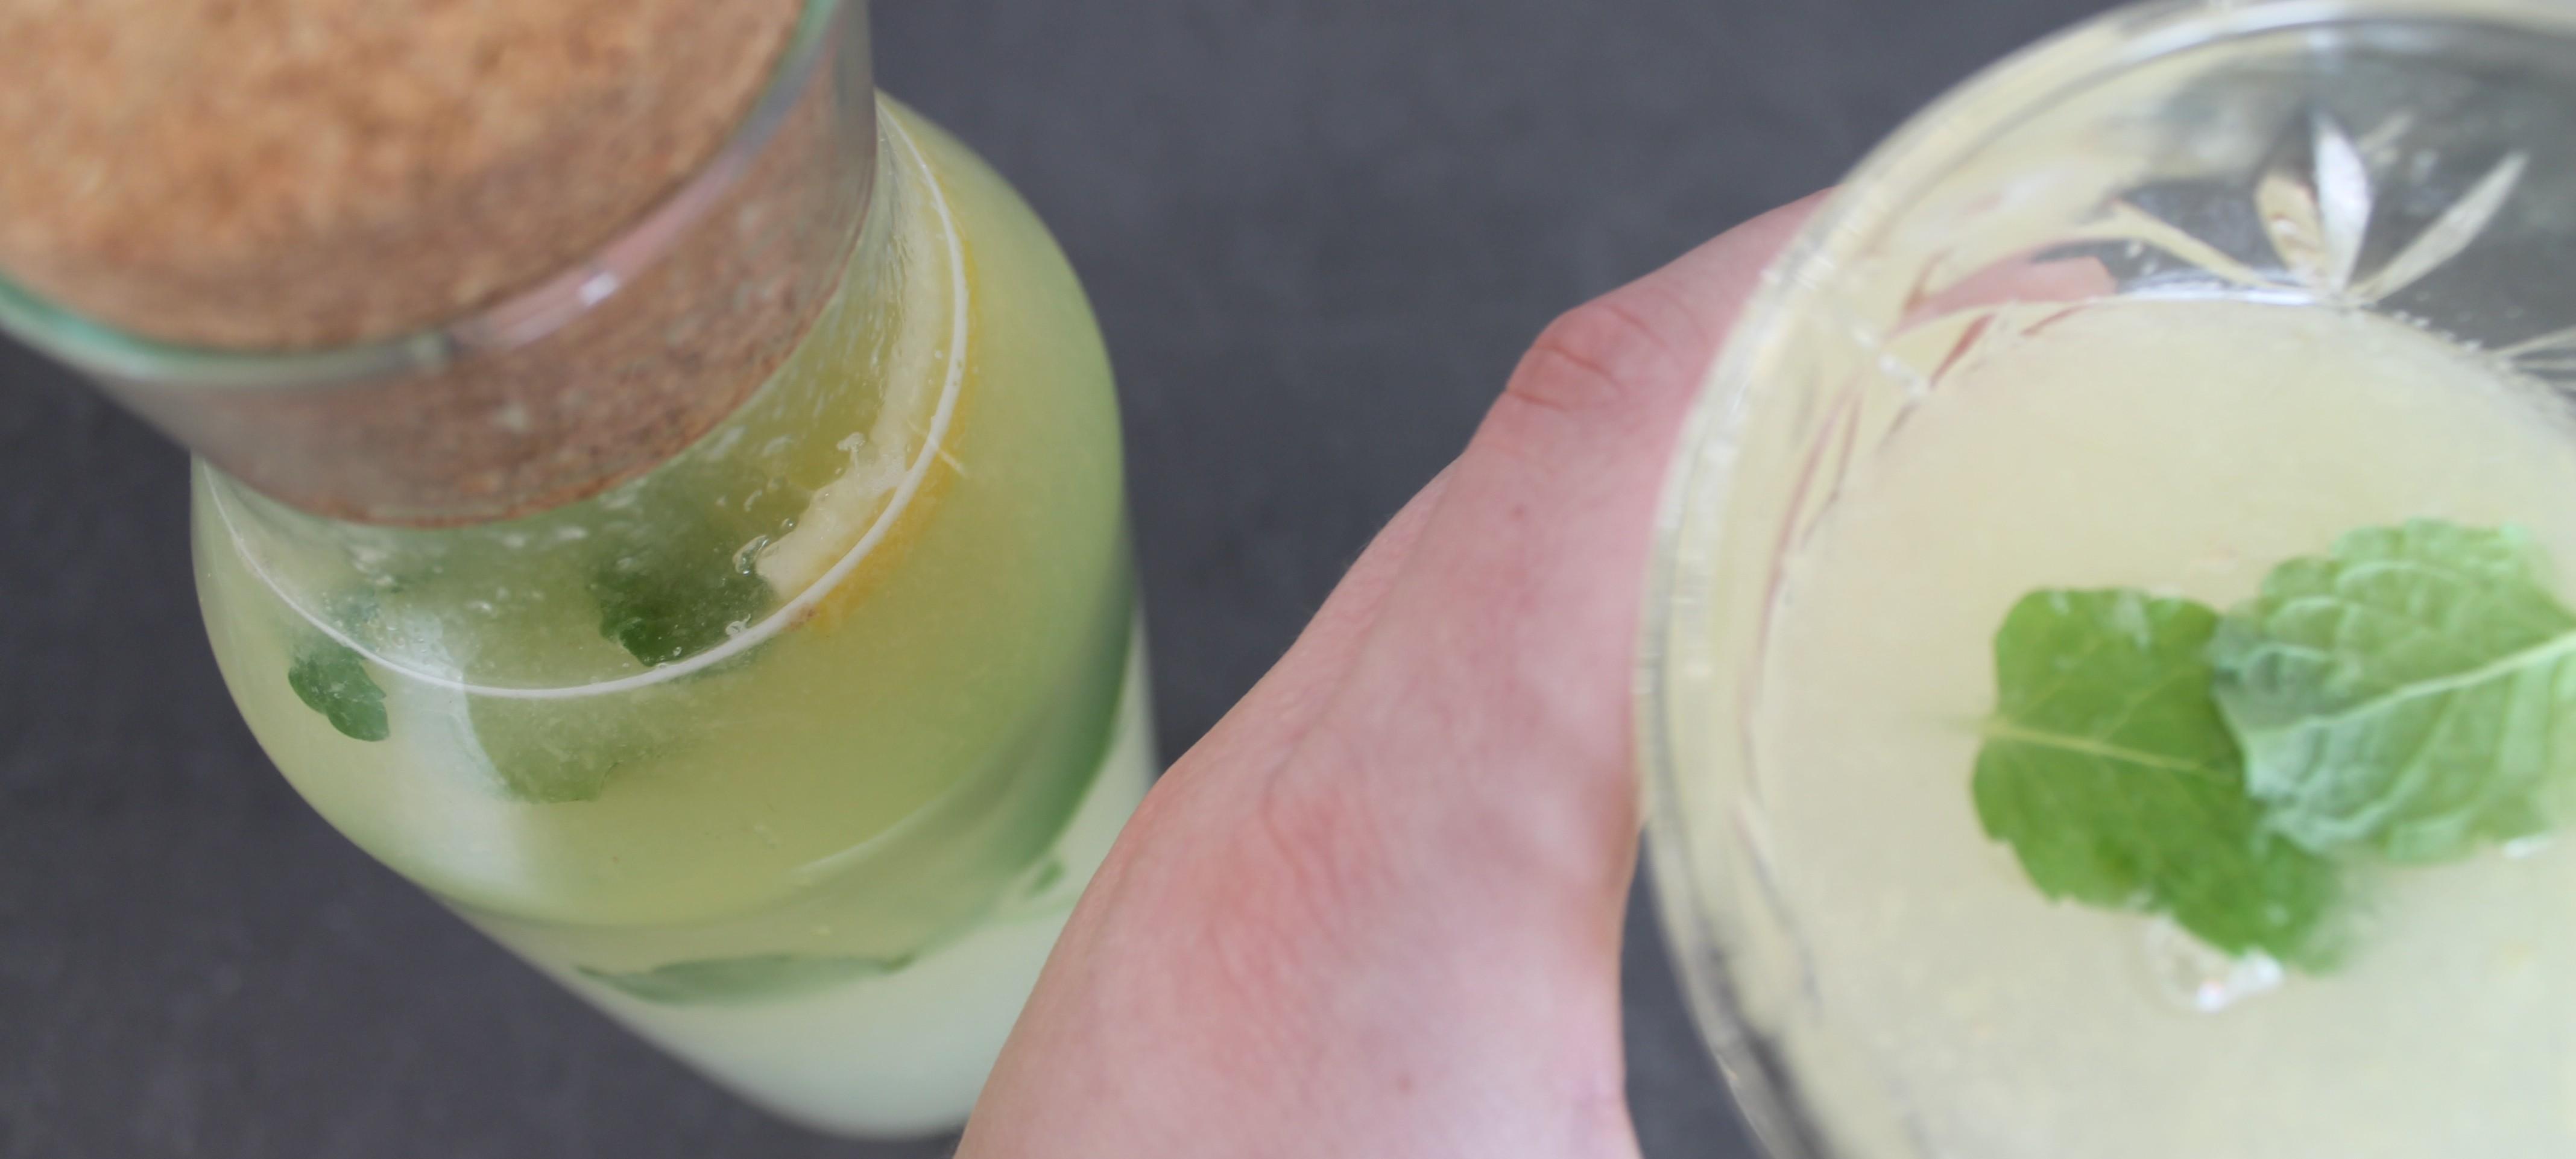 Nem og frisk hjemmelavet Ginger Ale/Lemonade